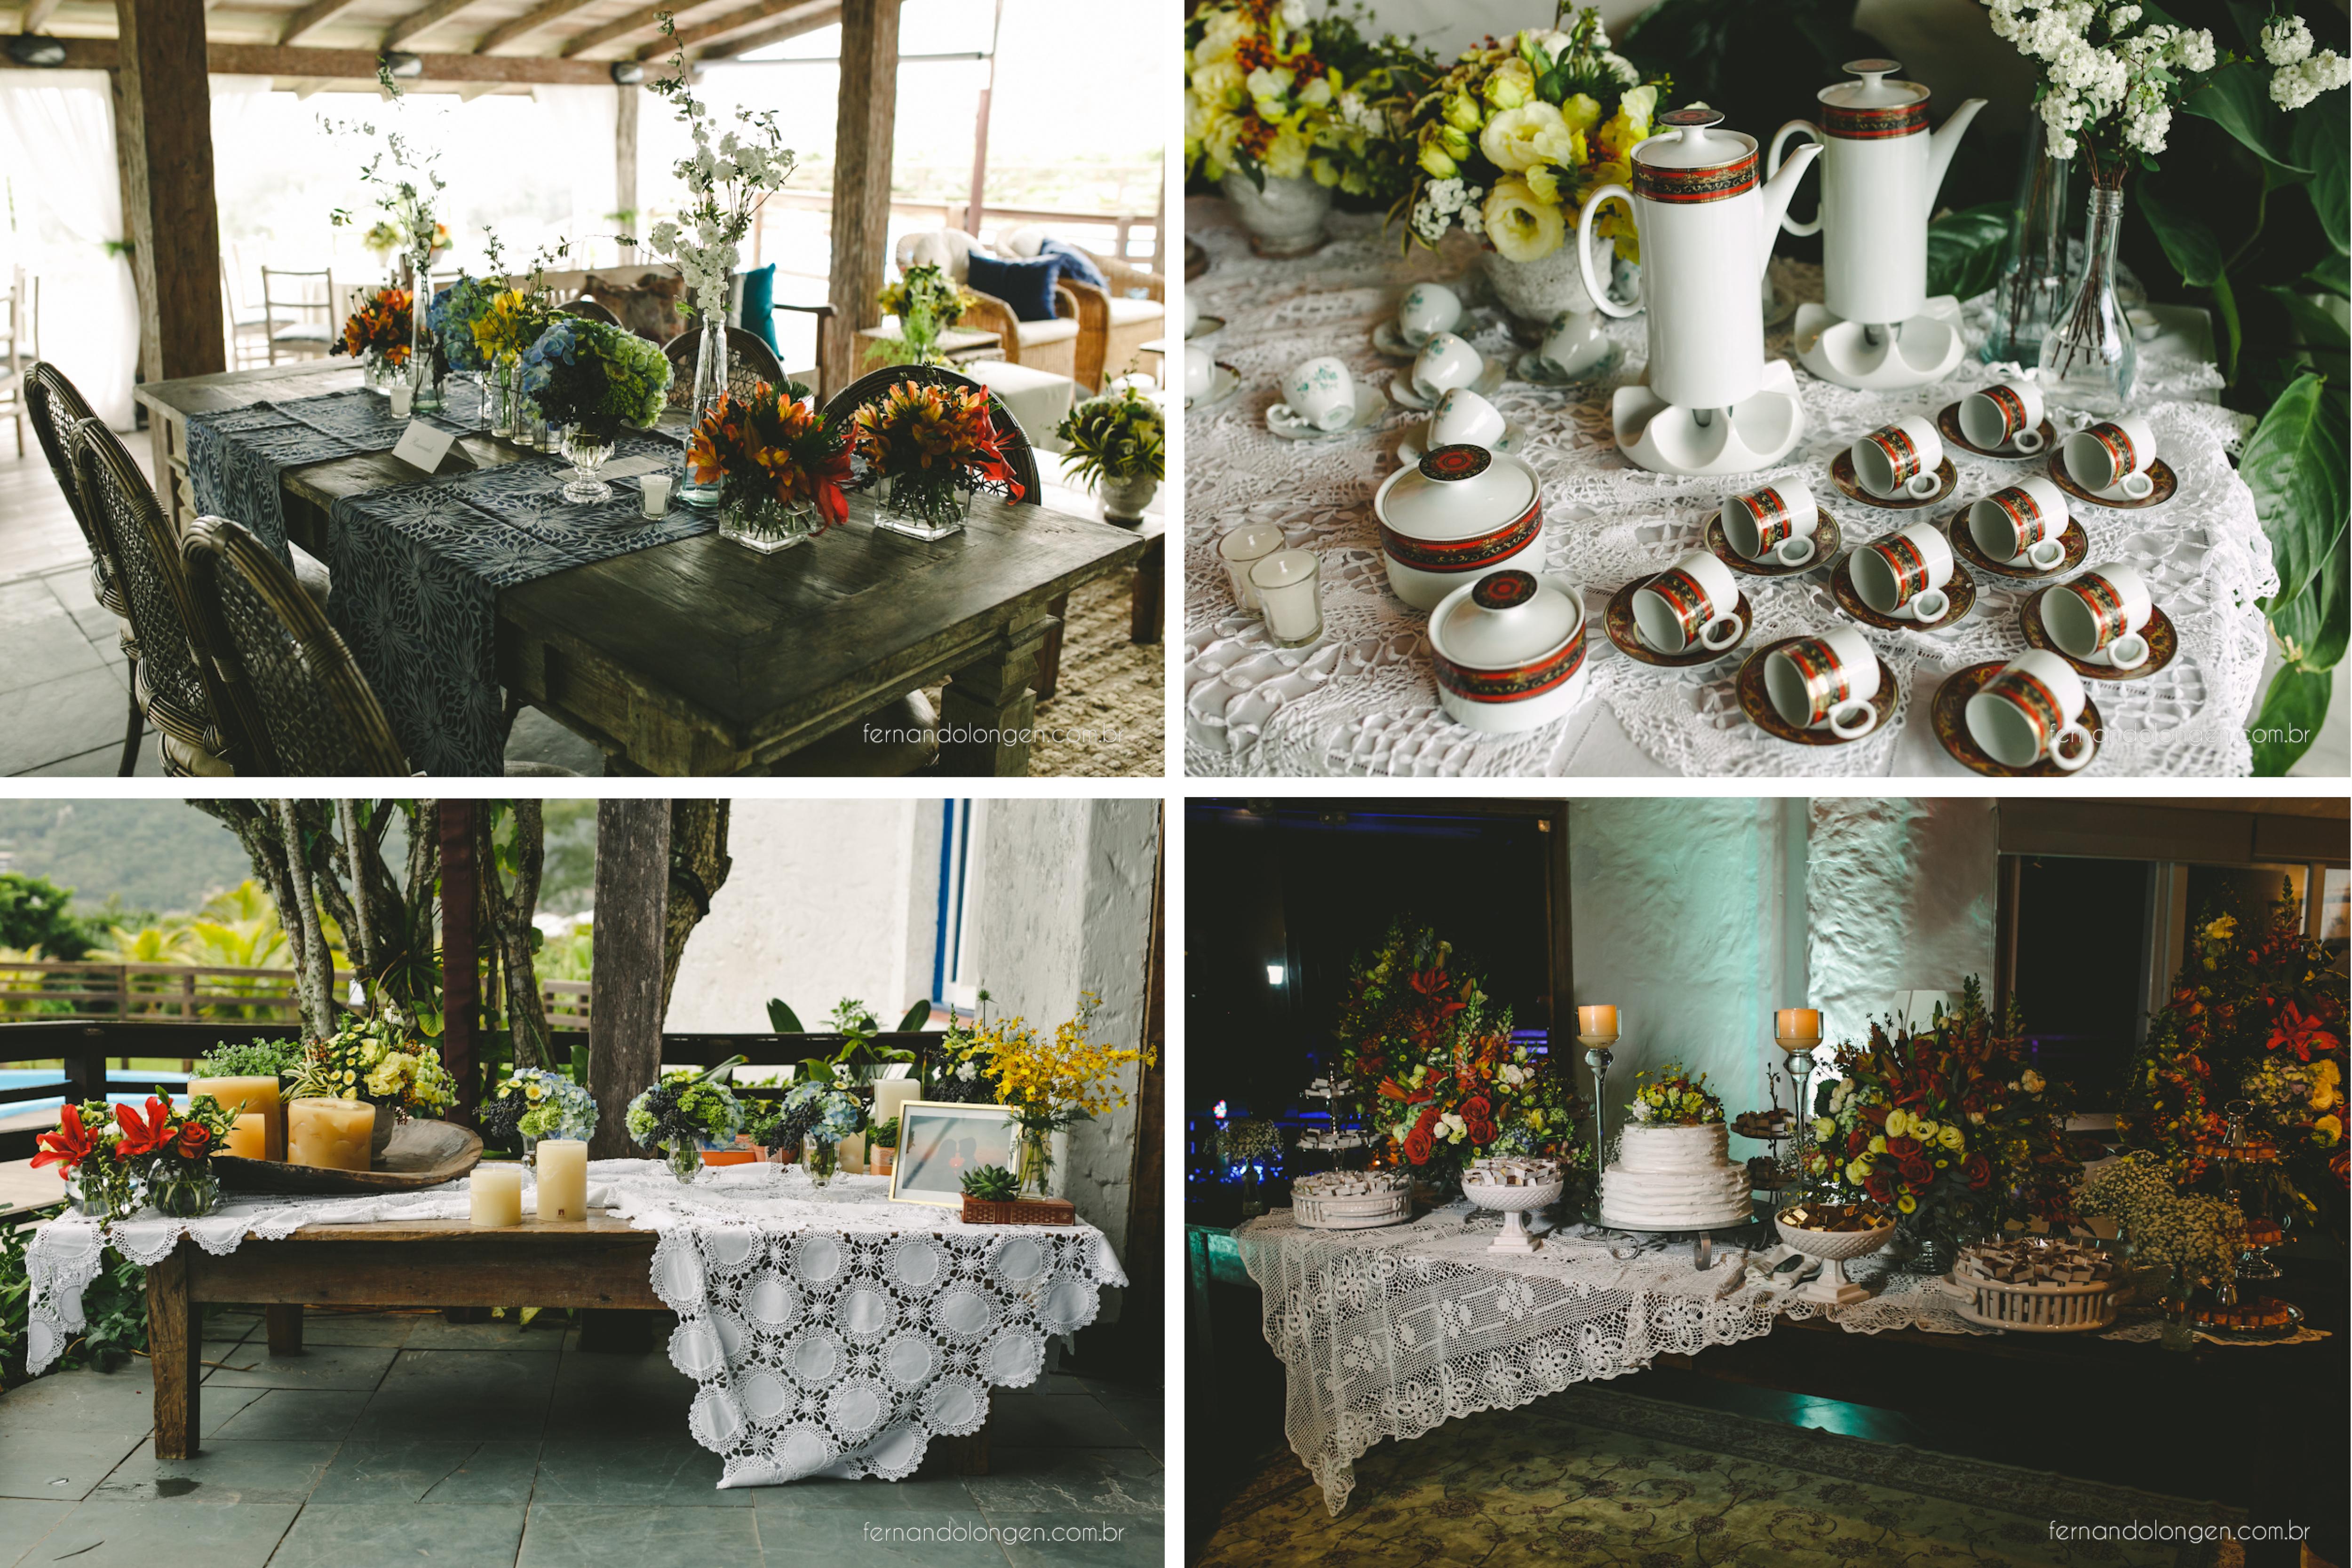 casamento-de-dia-em-florianopolis-hotel-antares-lagoinha-noivos-renata-e-marcio-leal-ventura-cerimonial-fotografo-fernando-longen-21